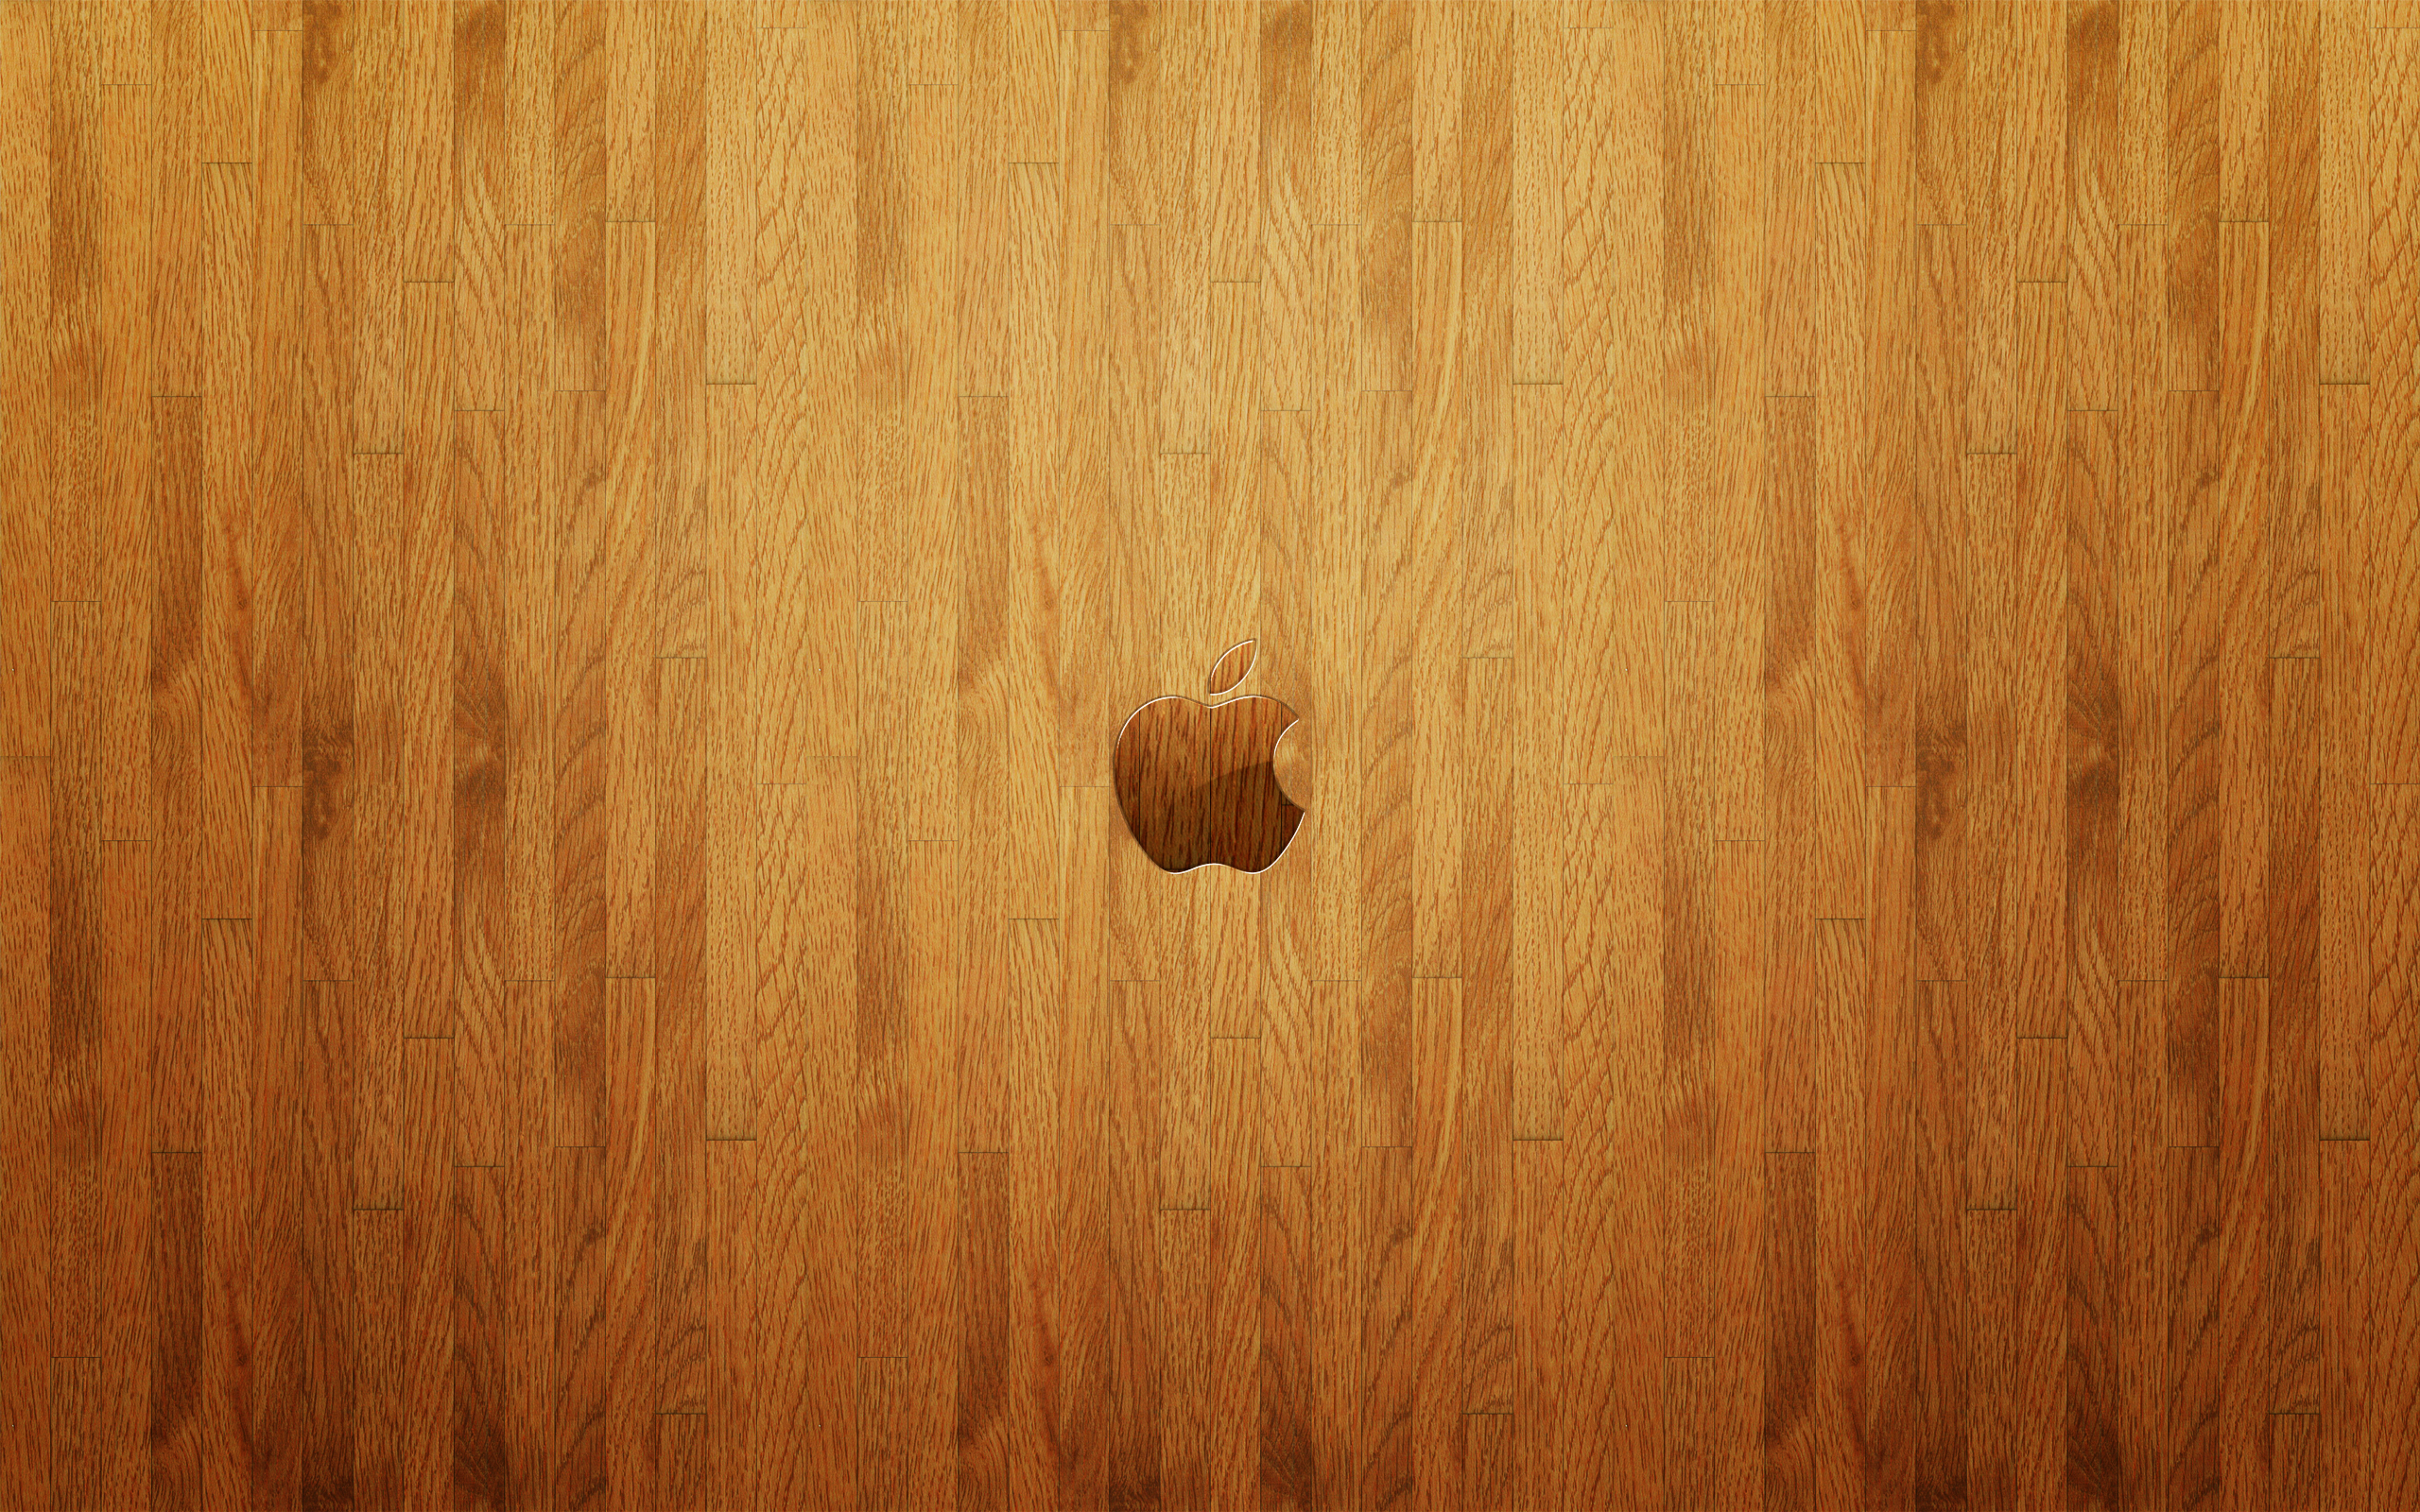 mac-fond-ecran-by-apple_14